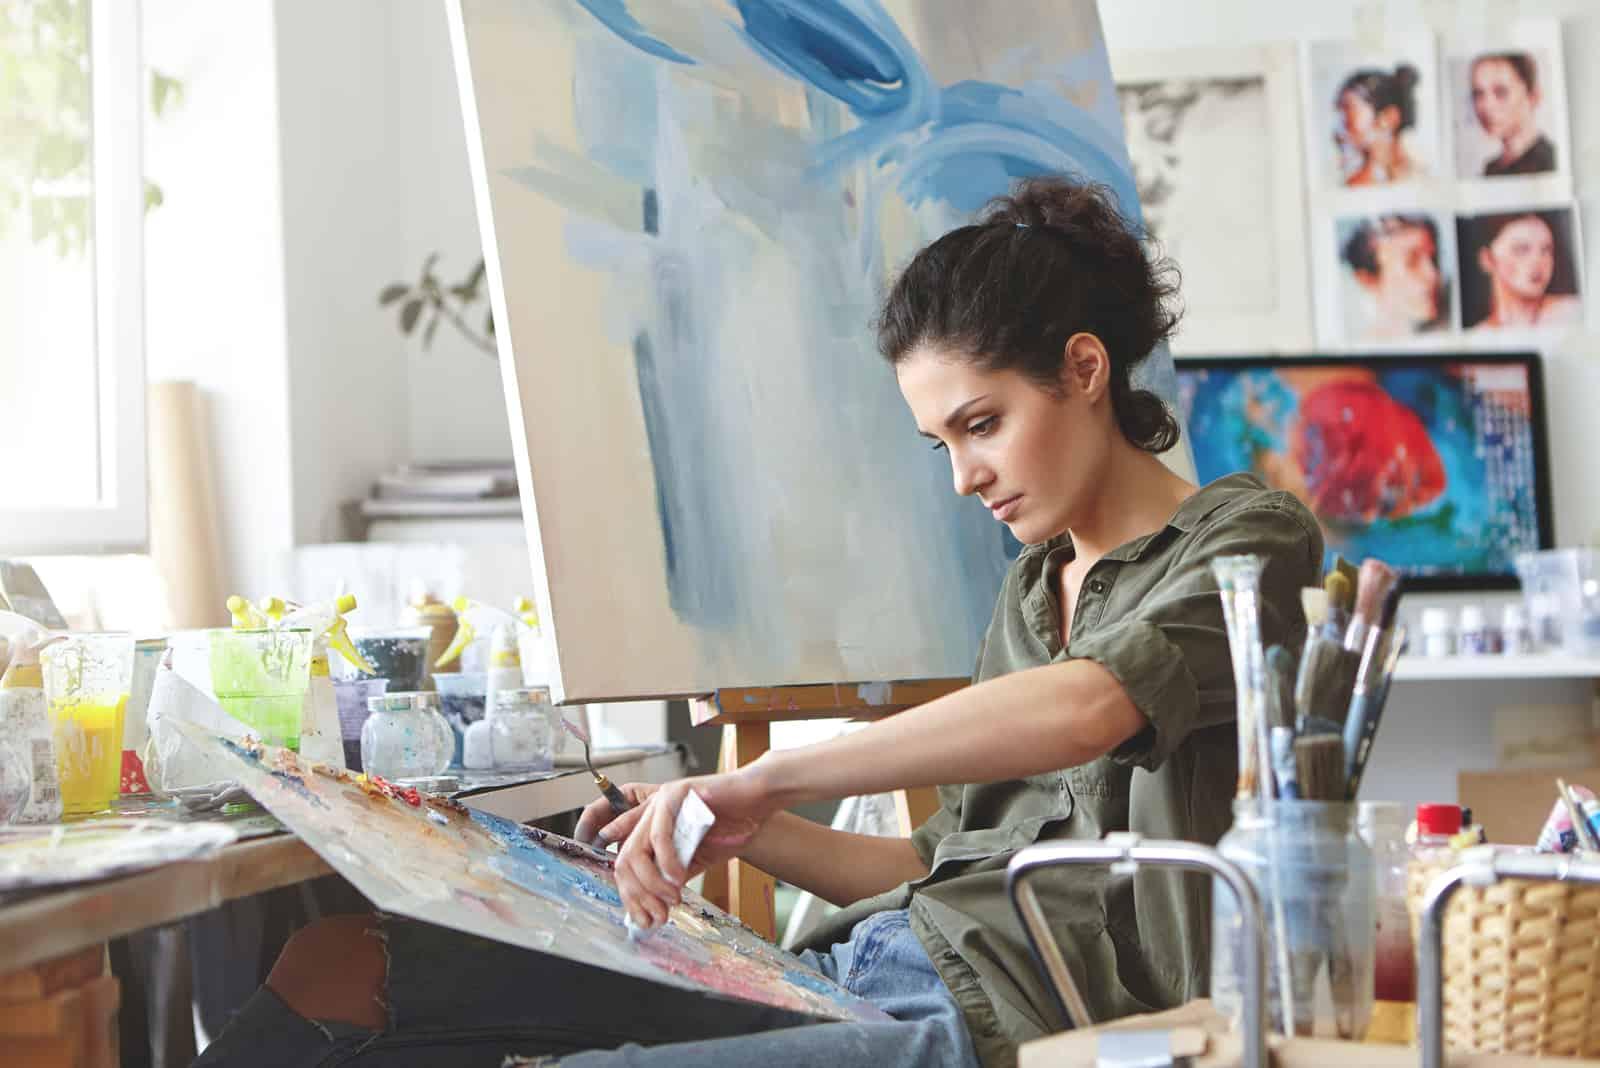 Frau mit dunklen Haaren, lässig gekleidet, malend